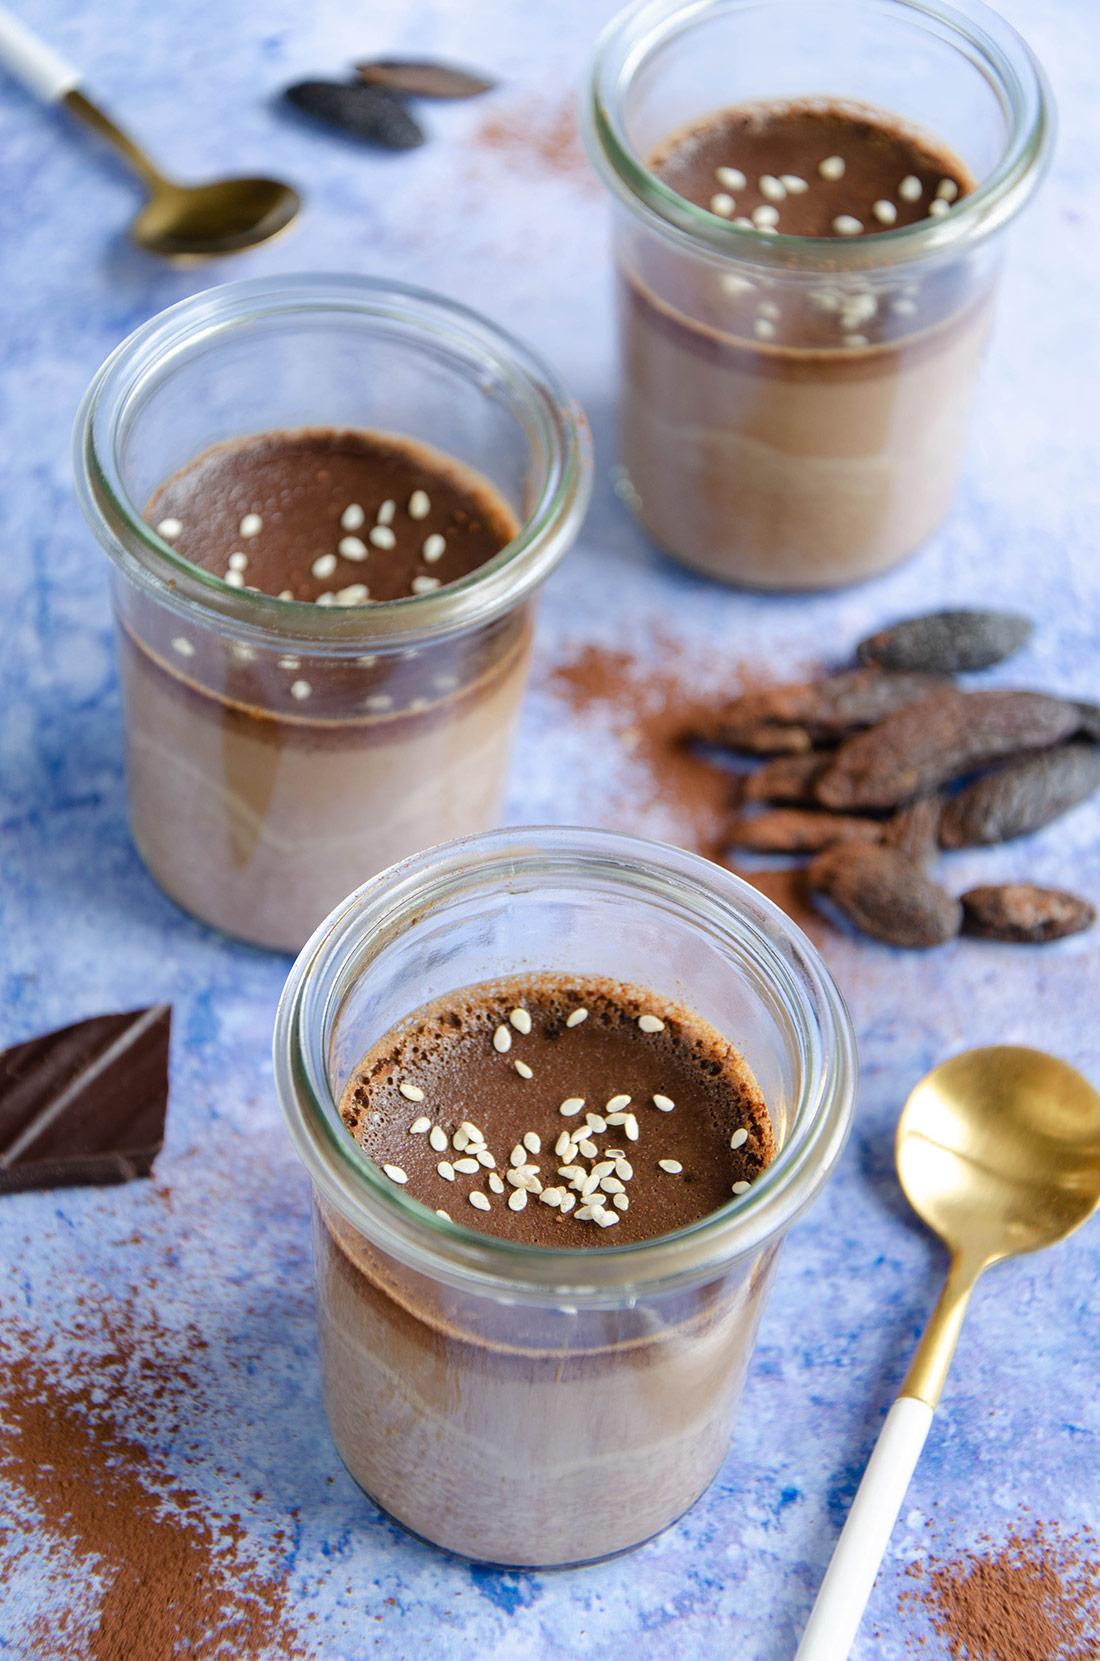 recette originale de crème au chocolat et à la fève tonka